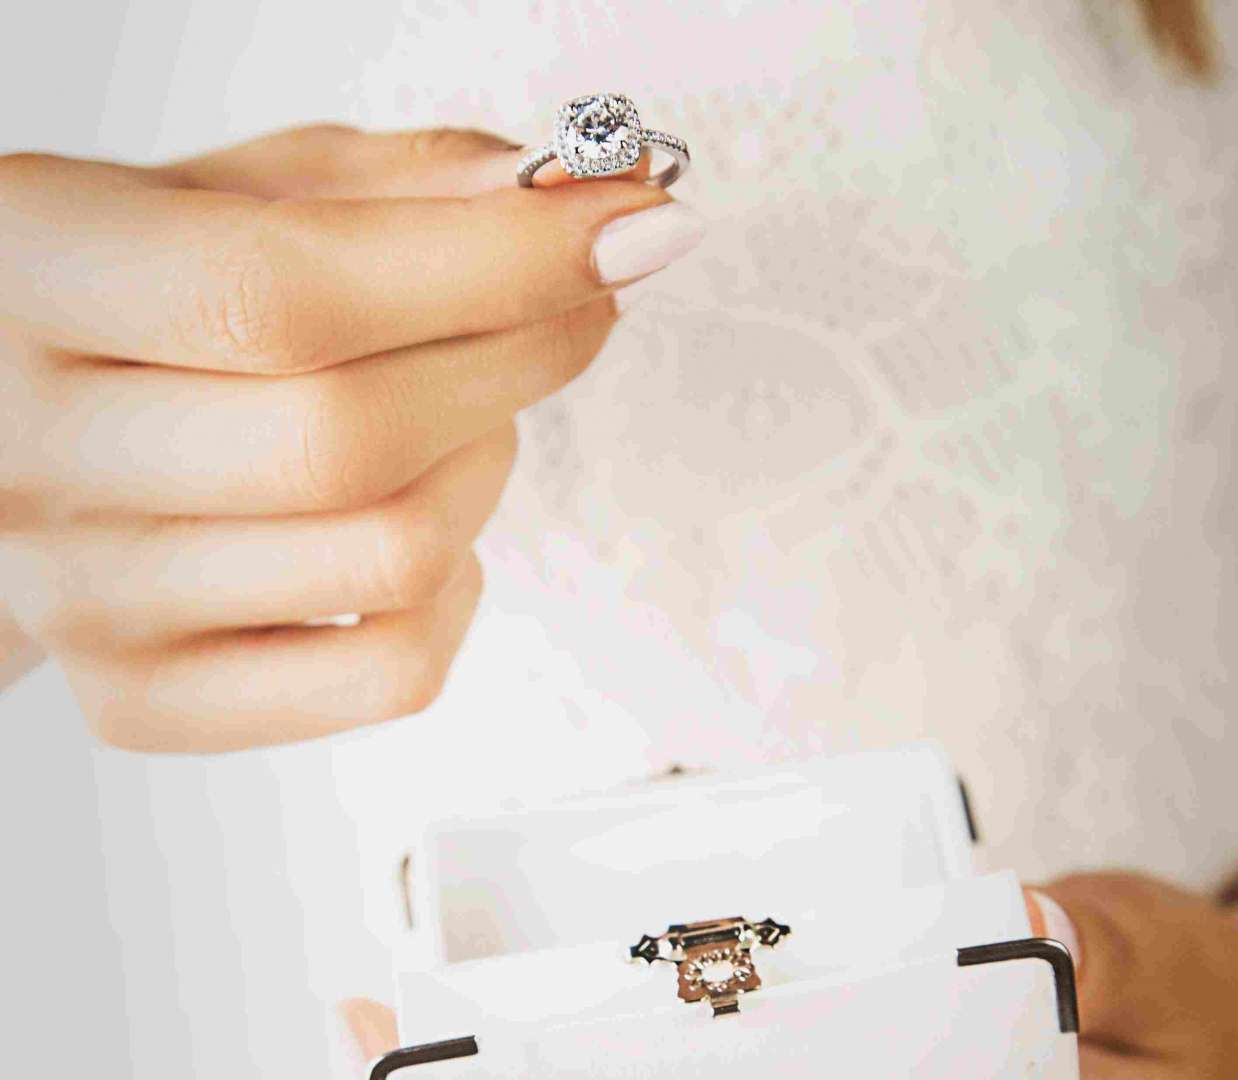 Comment estimer la valeur de l'anneau?